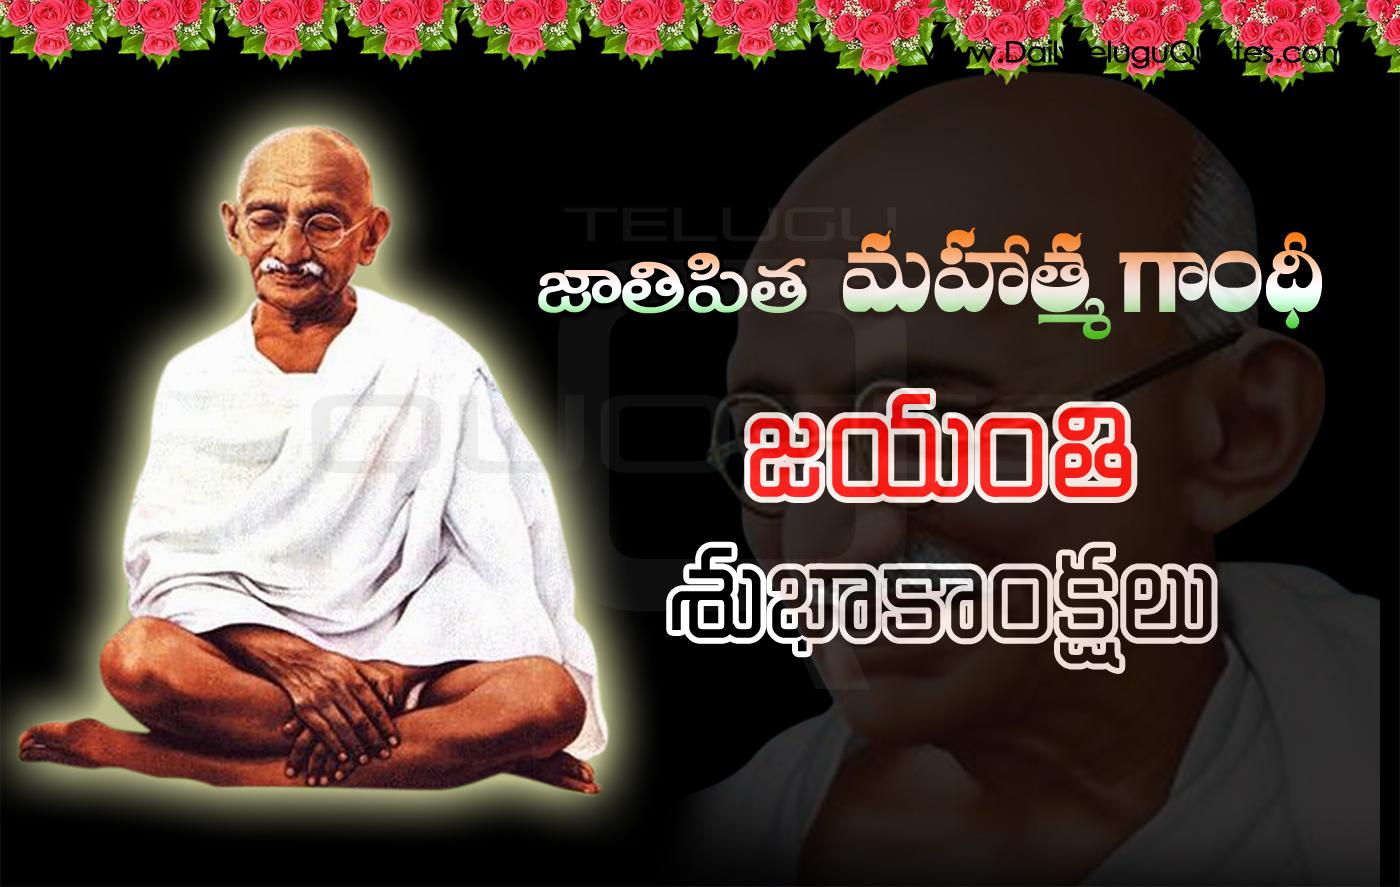 Happy Gandhi Jayanthi Greetings And Images Dailyteluguquotes